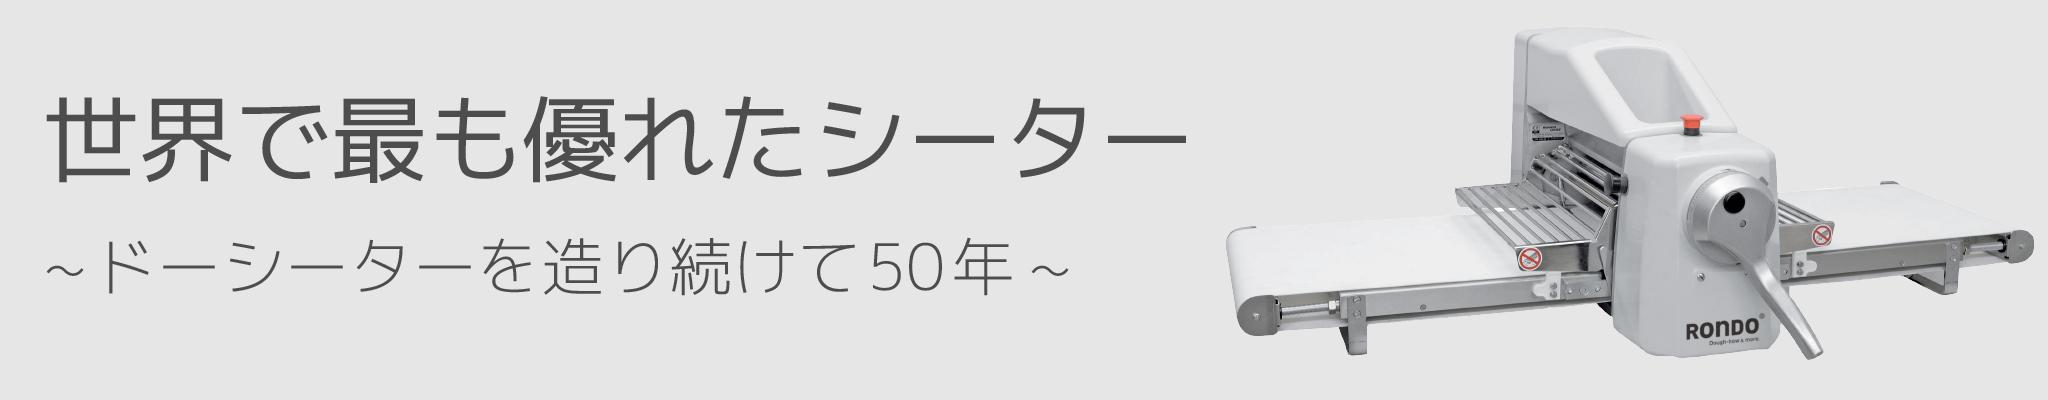 世界で最も優れたシーター〜ドーシーターを造り続けて50年〜